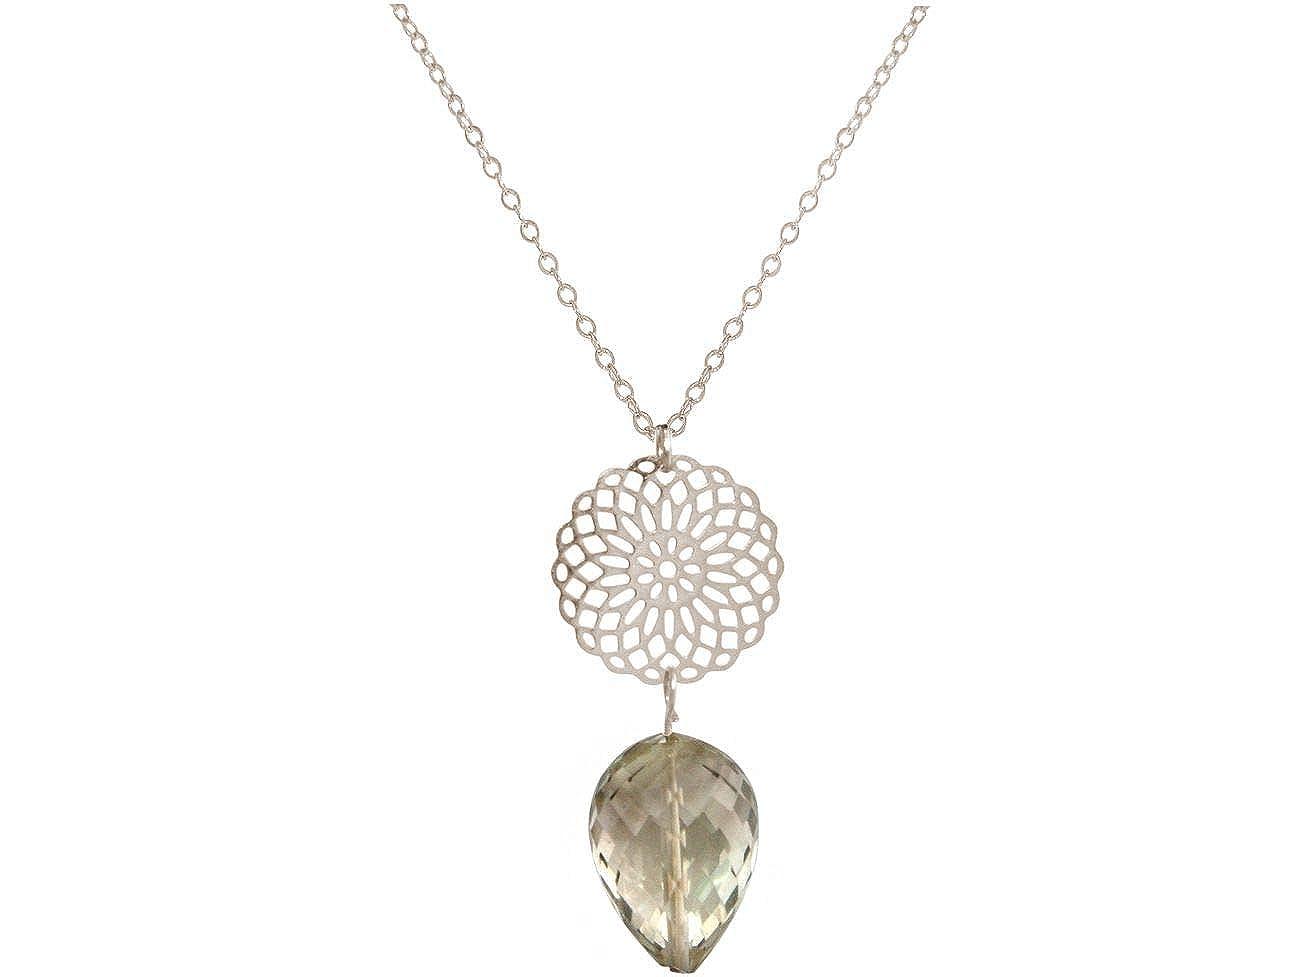 vergoldet oder rose GEMSHINE Damenhalskette Mandala Rauchquarz Silber